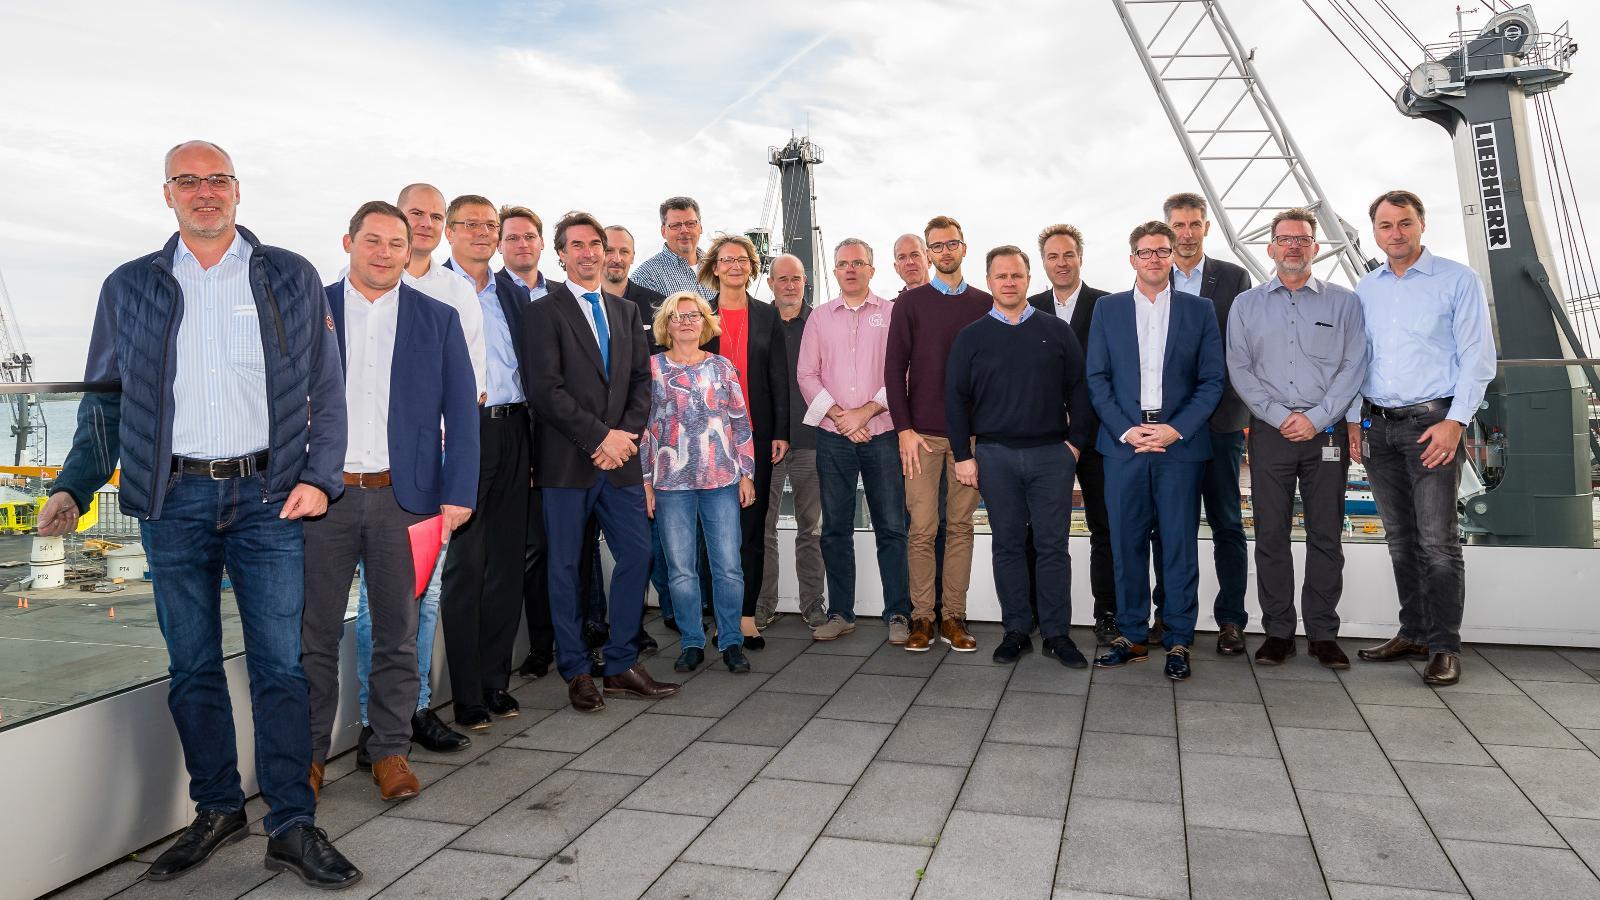 VertreterInnen aller Firmen im neuen Stadtwerke-Netzwerk. Foto: Margit Wild